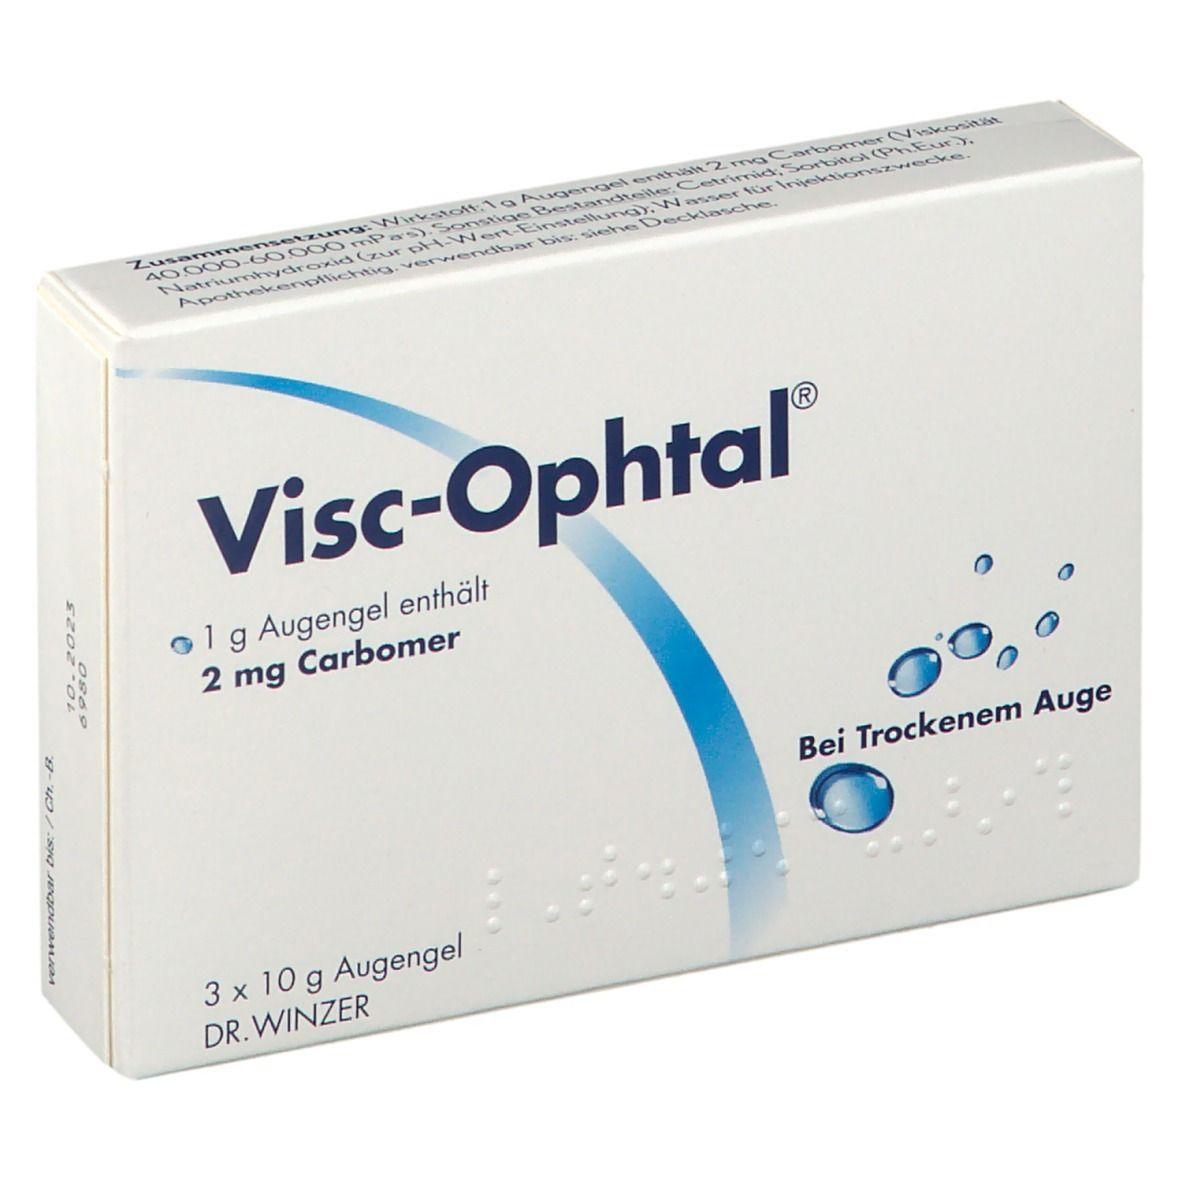 Visc-Ophtal®